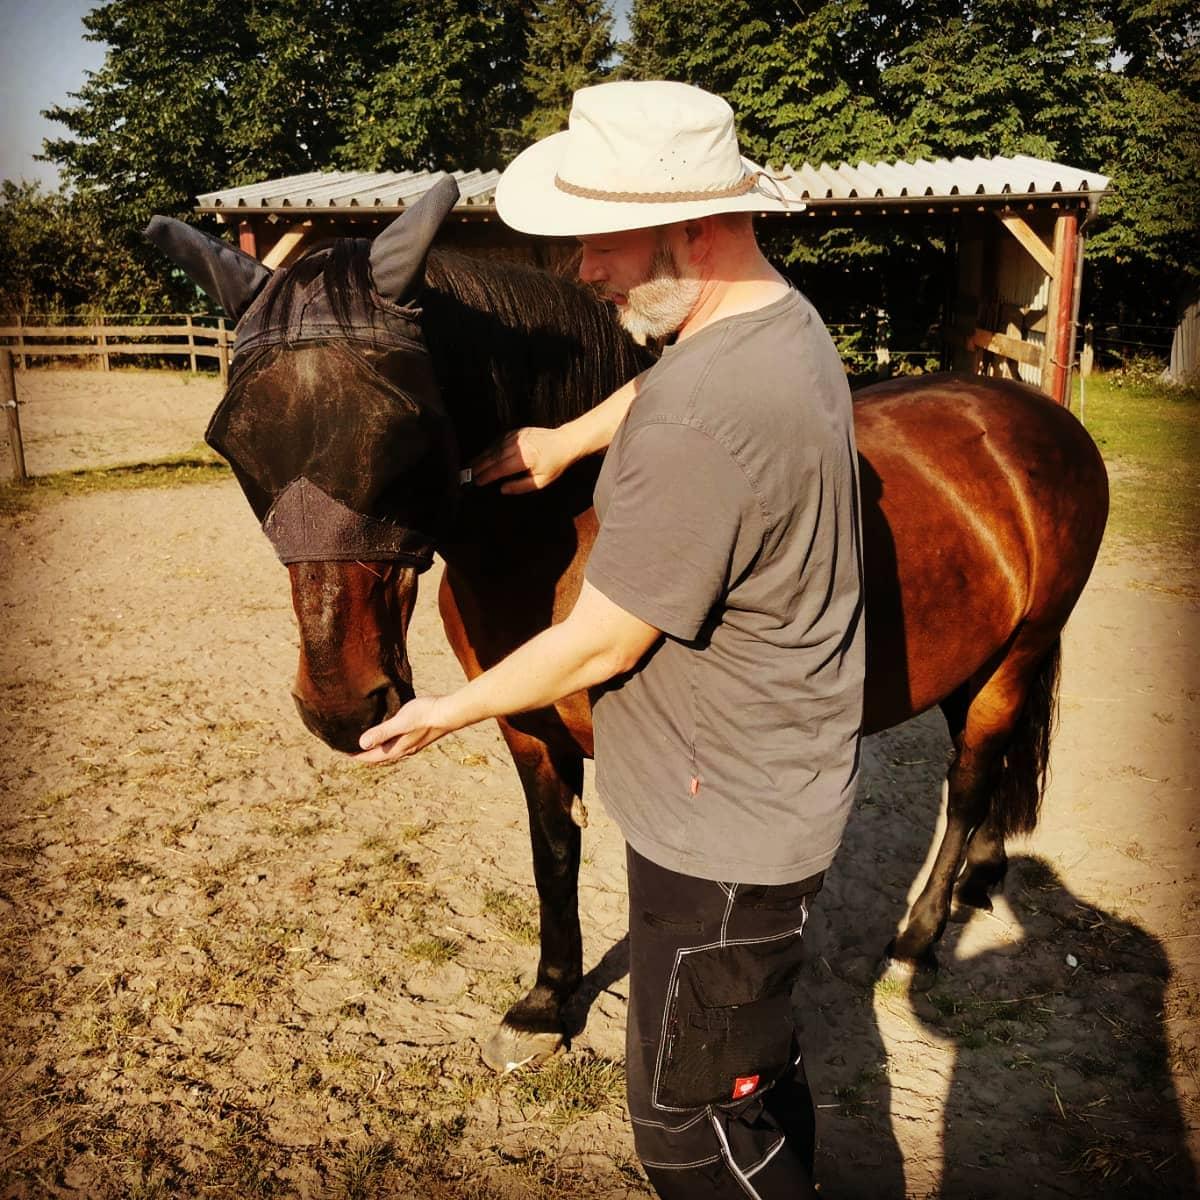 Ein bisschen bei den Pferden helfen.